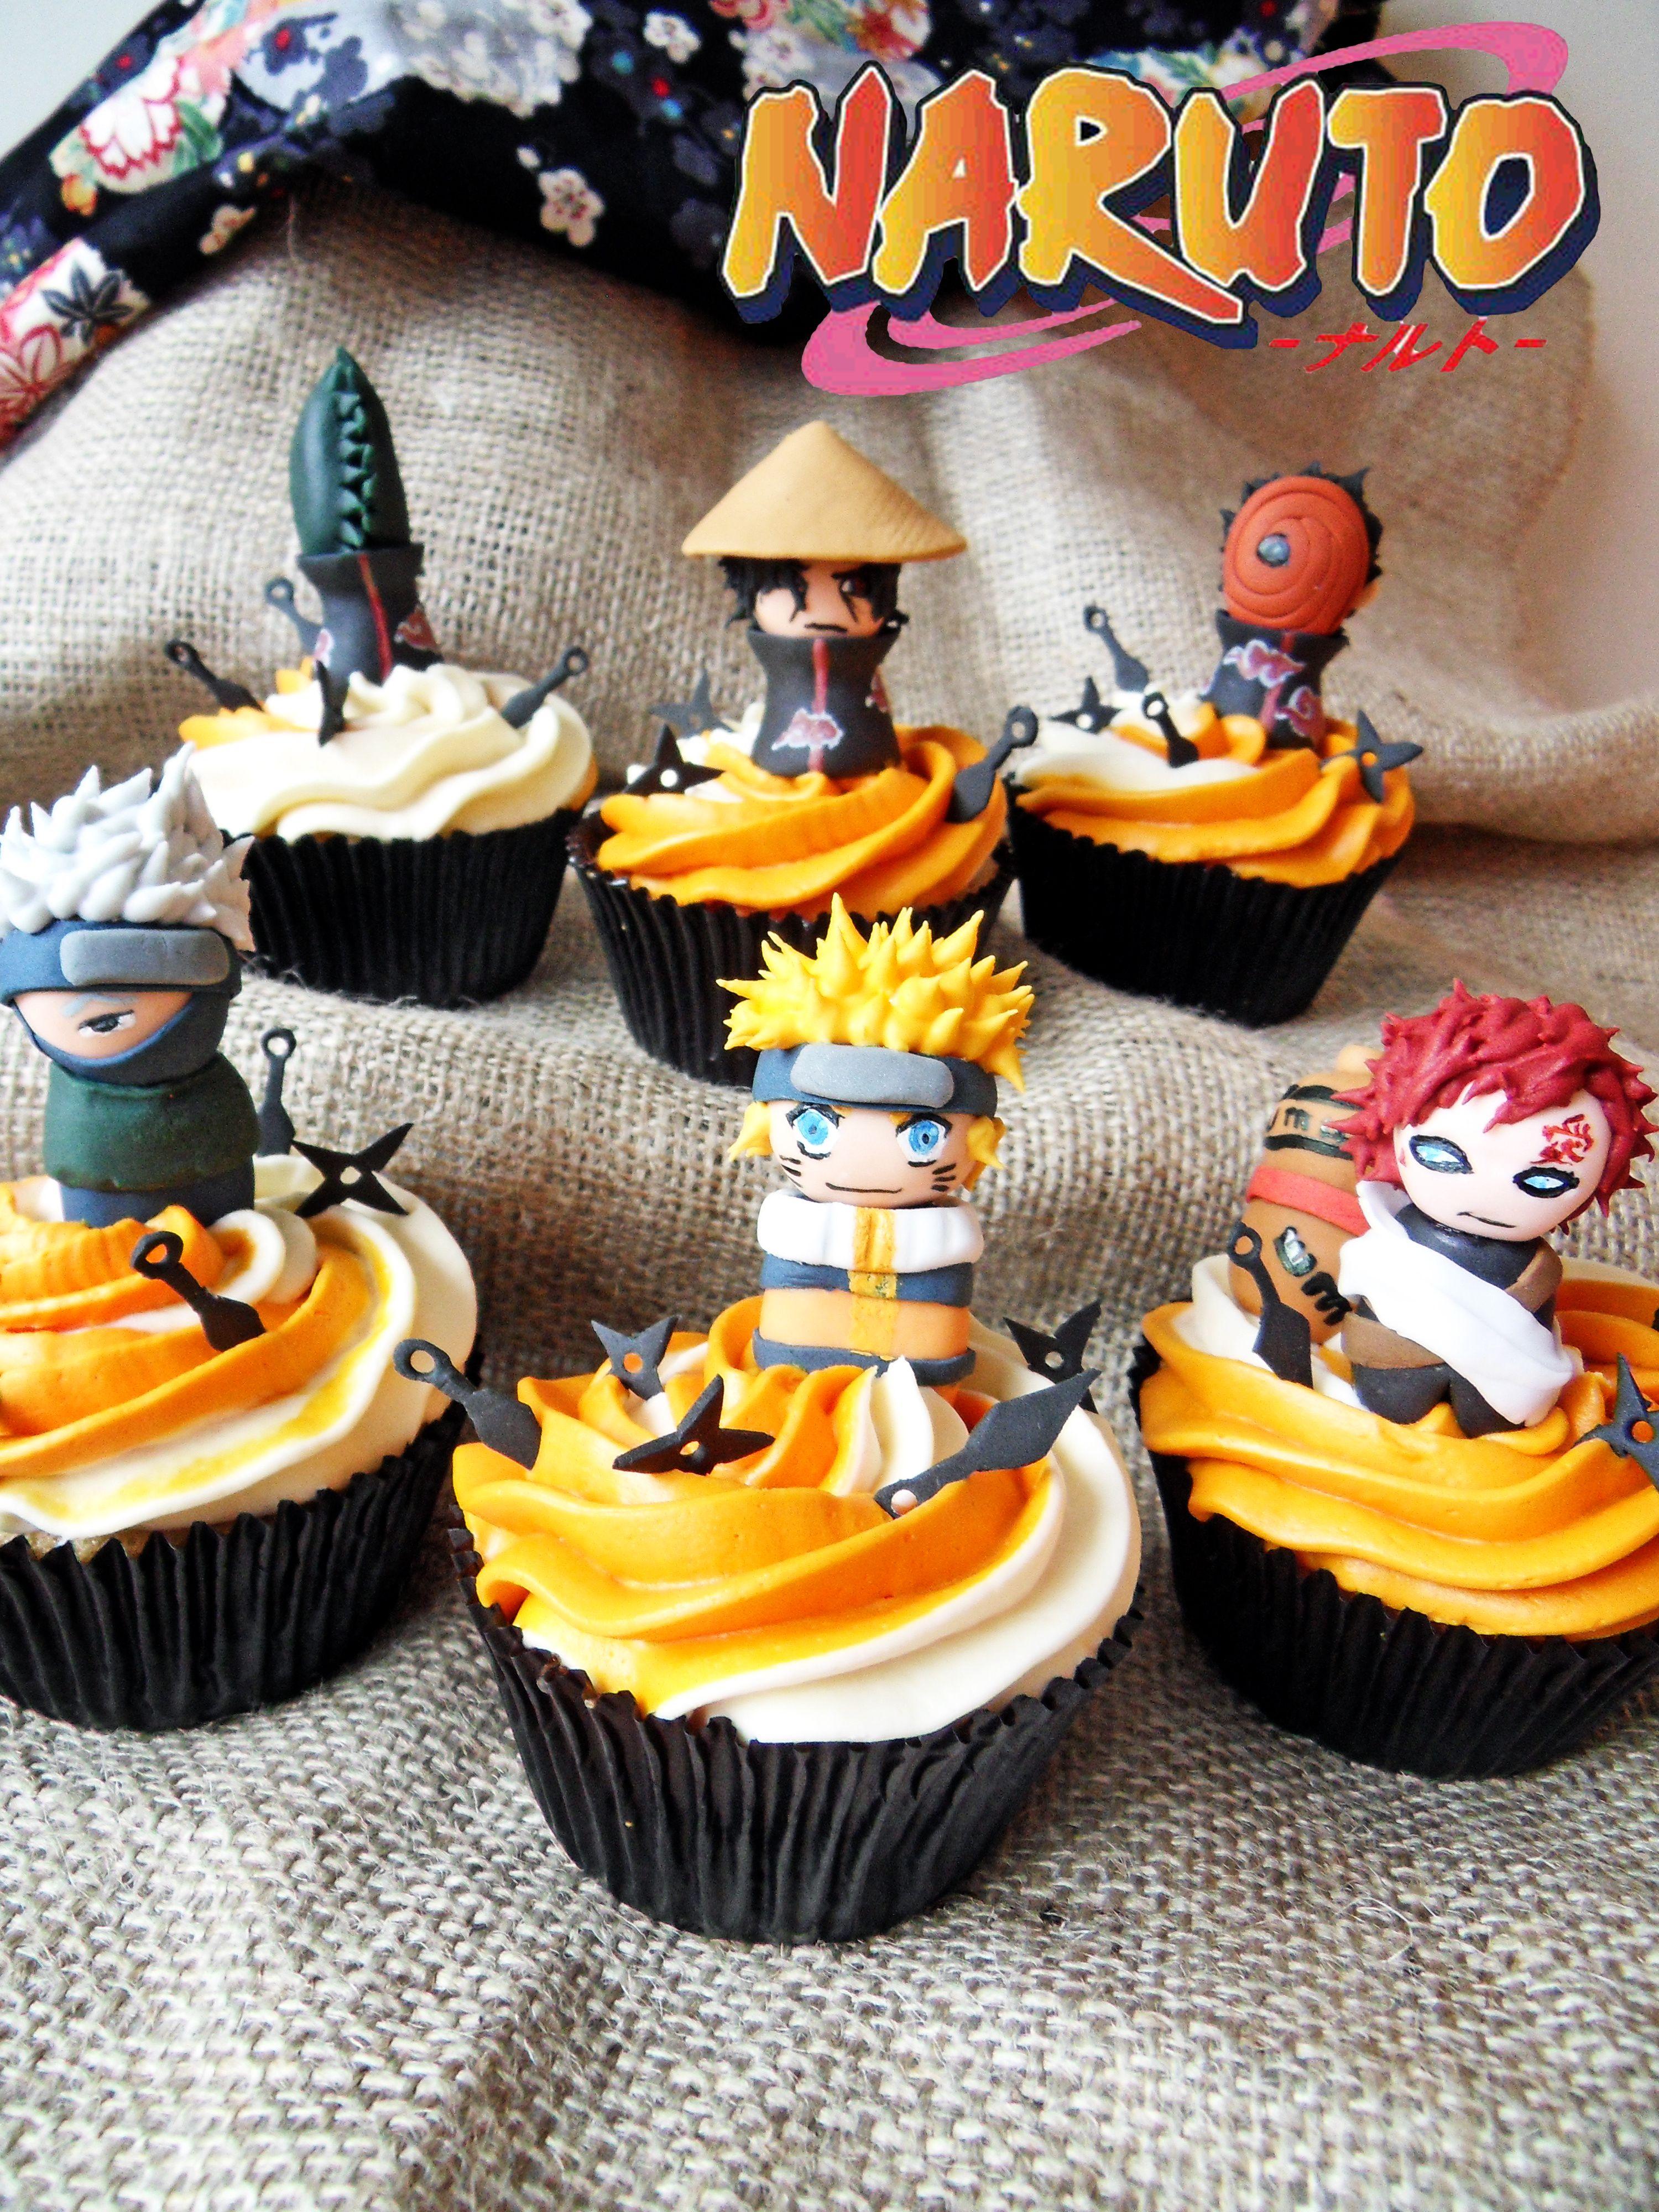 Naruto cupcakes!! Anime cake, Naruto birthday, Cupcake cakes